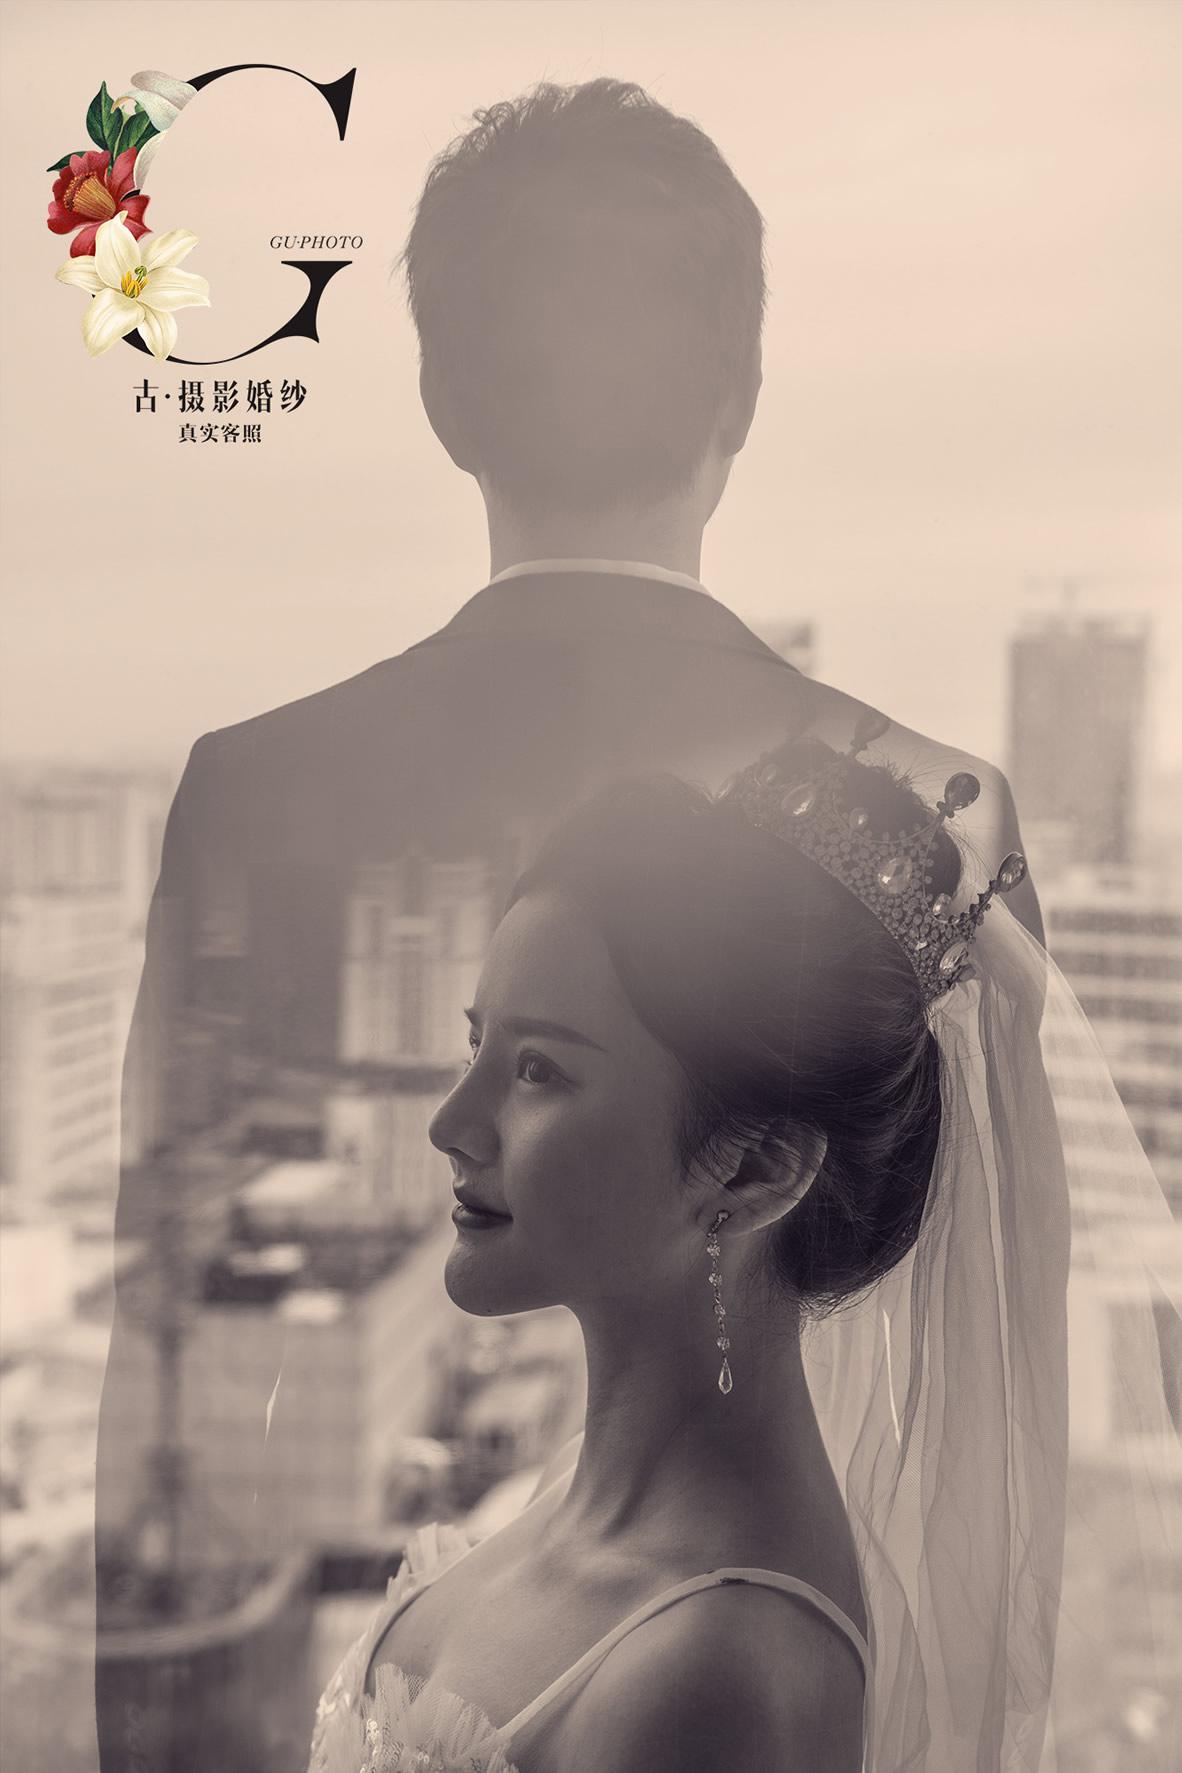 李先生 苏小姐 - 每日客照 - 古摄影婚纱艺术-古摄影成都婚纱摄影艺术摄影网